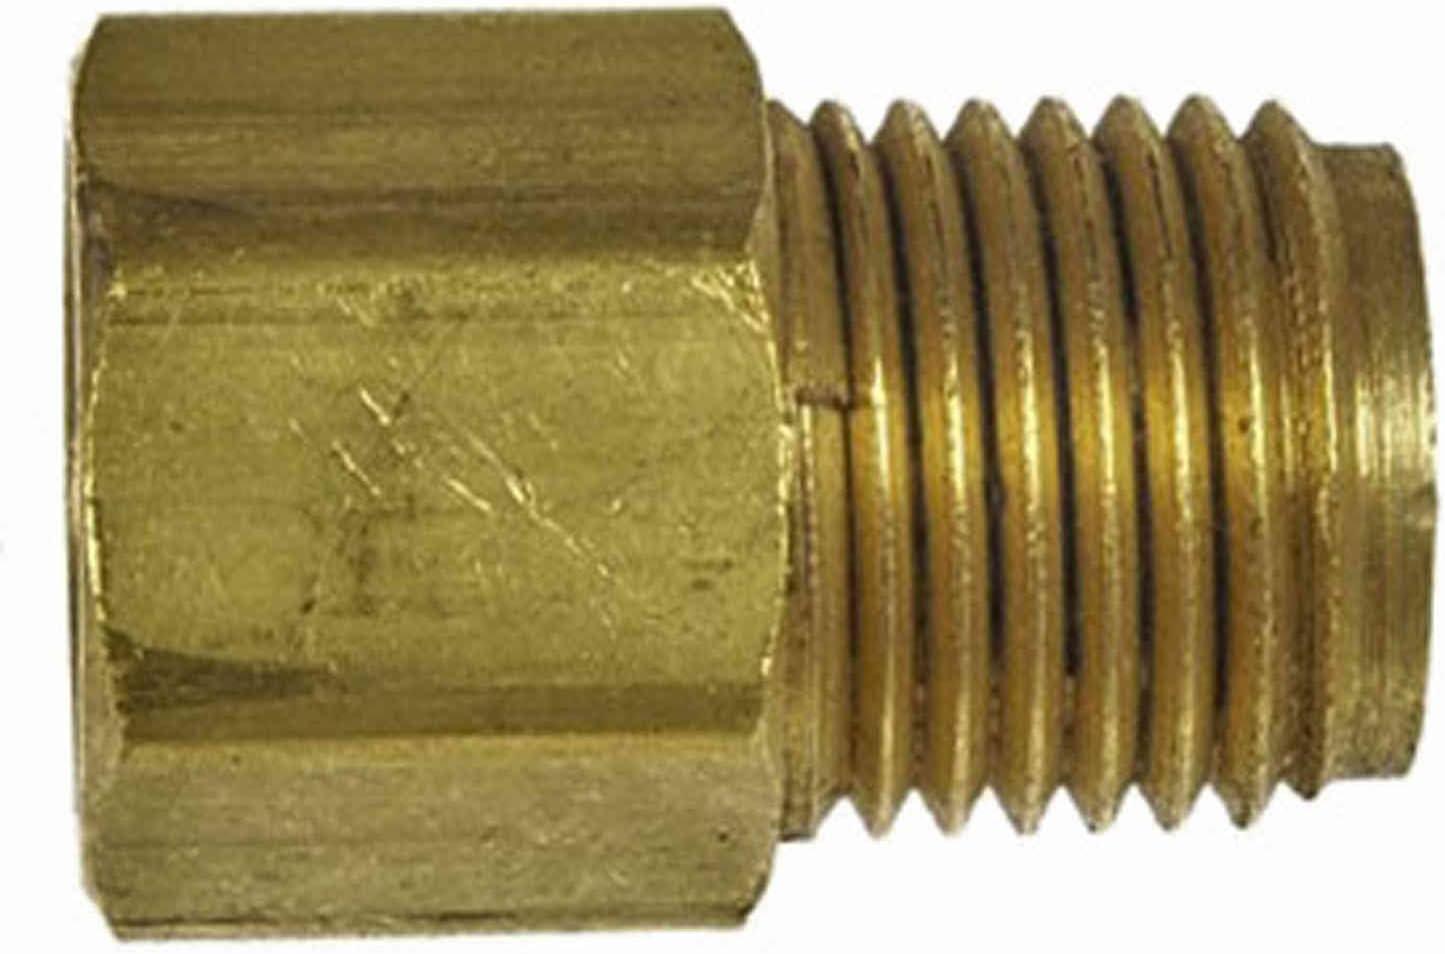 Dallas Mall Dorman Max 61% OFF 490-533 Brake Adapter 3 16X3